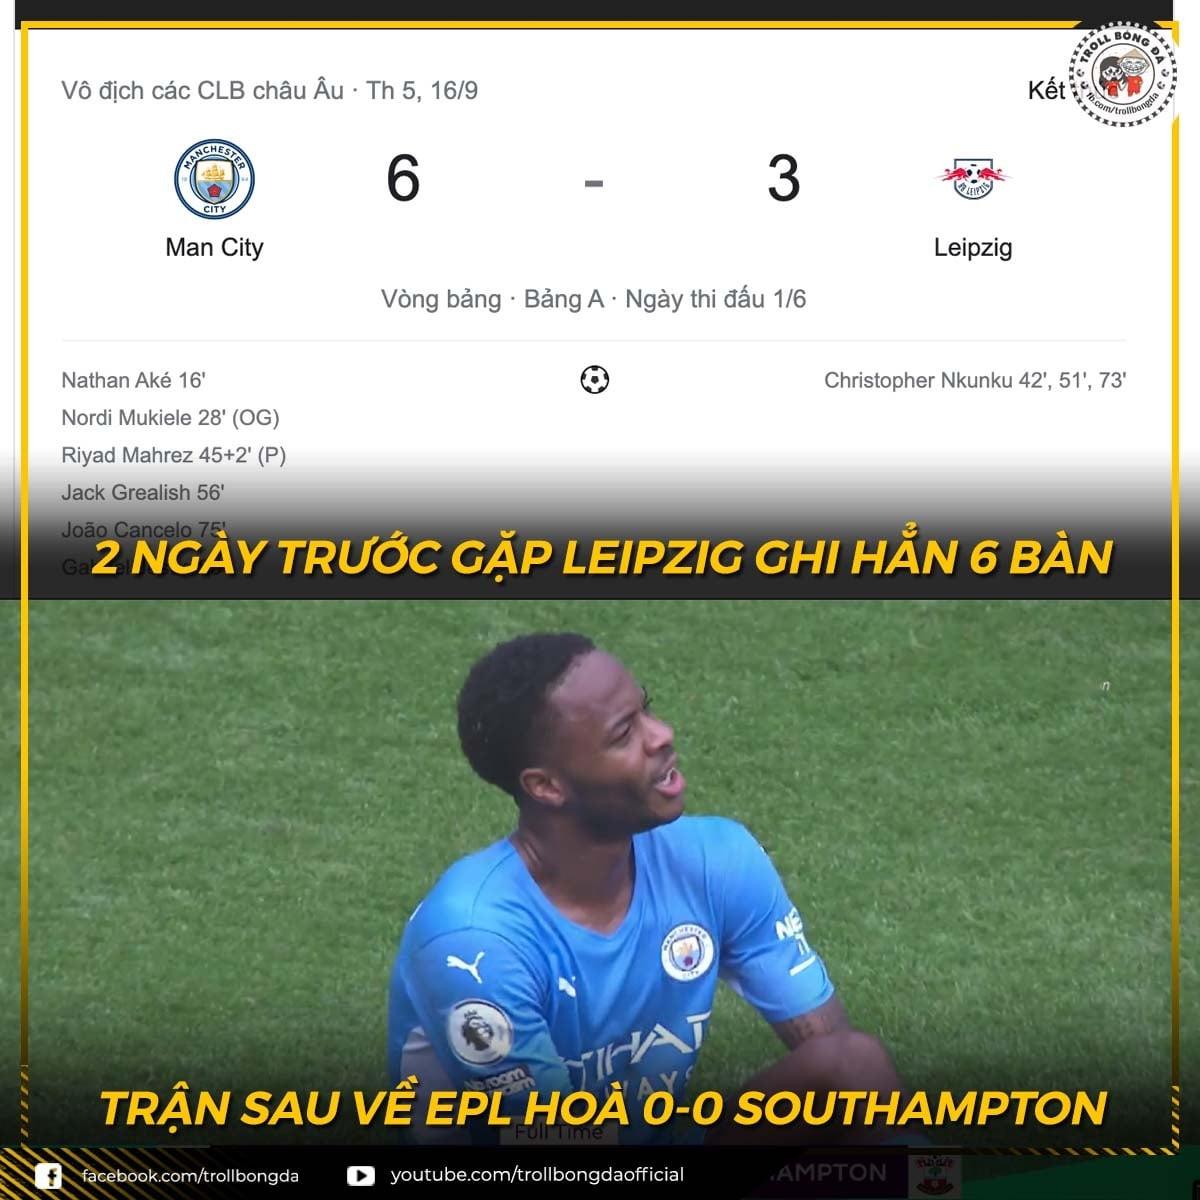 Man City bất lực ở Ngoại hạng Anh sau trận đấu tưng bừng tại Champions League. (Ảnh: Troll Bóng đá).